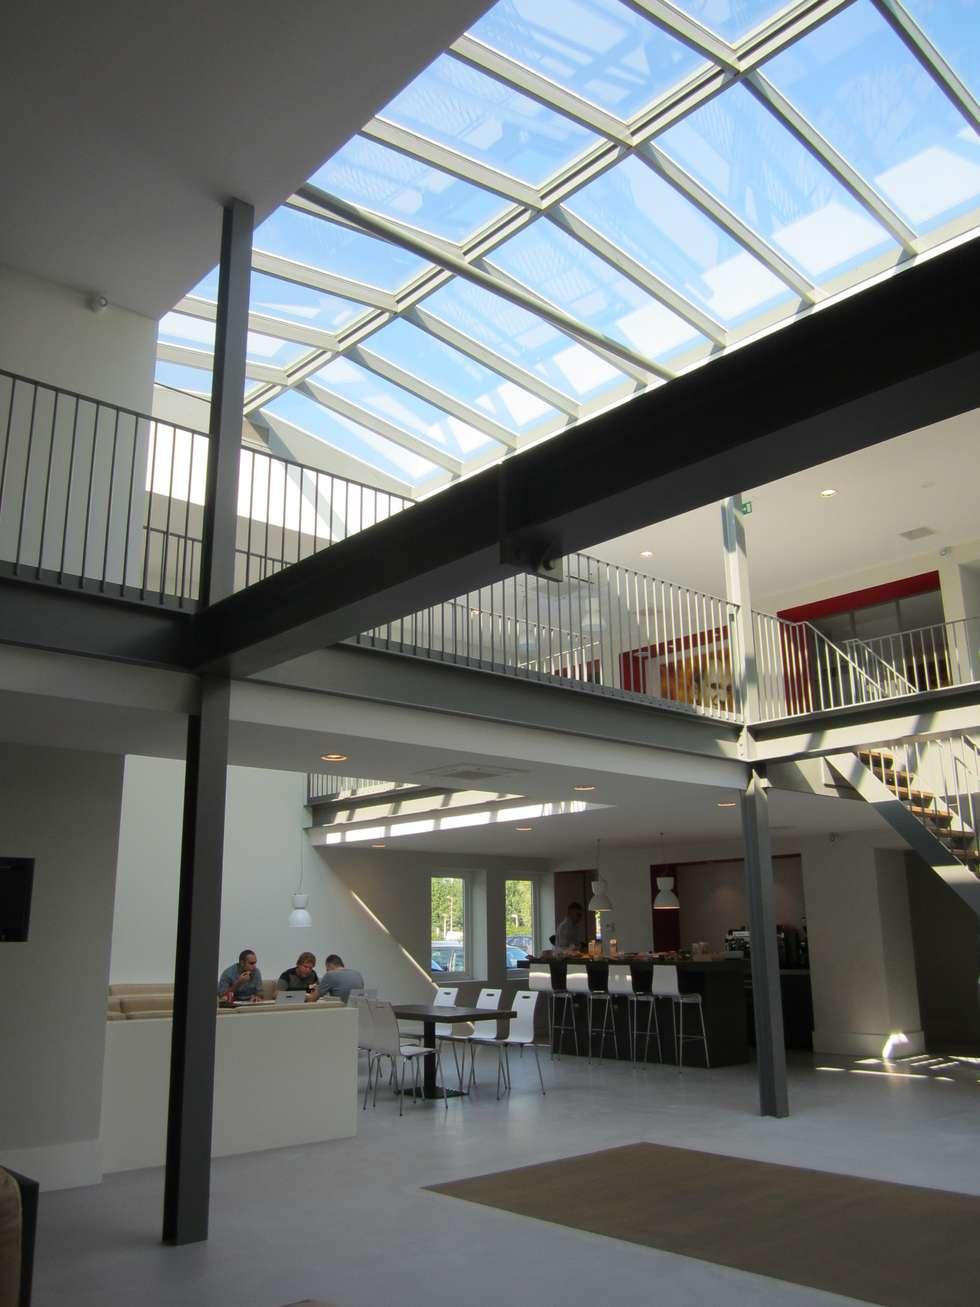 Houten zadeldak van Niek Roos:  Kantoorgebouwen door Niek Roos